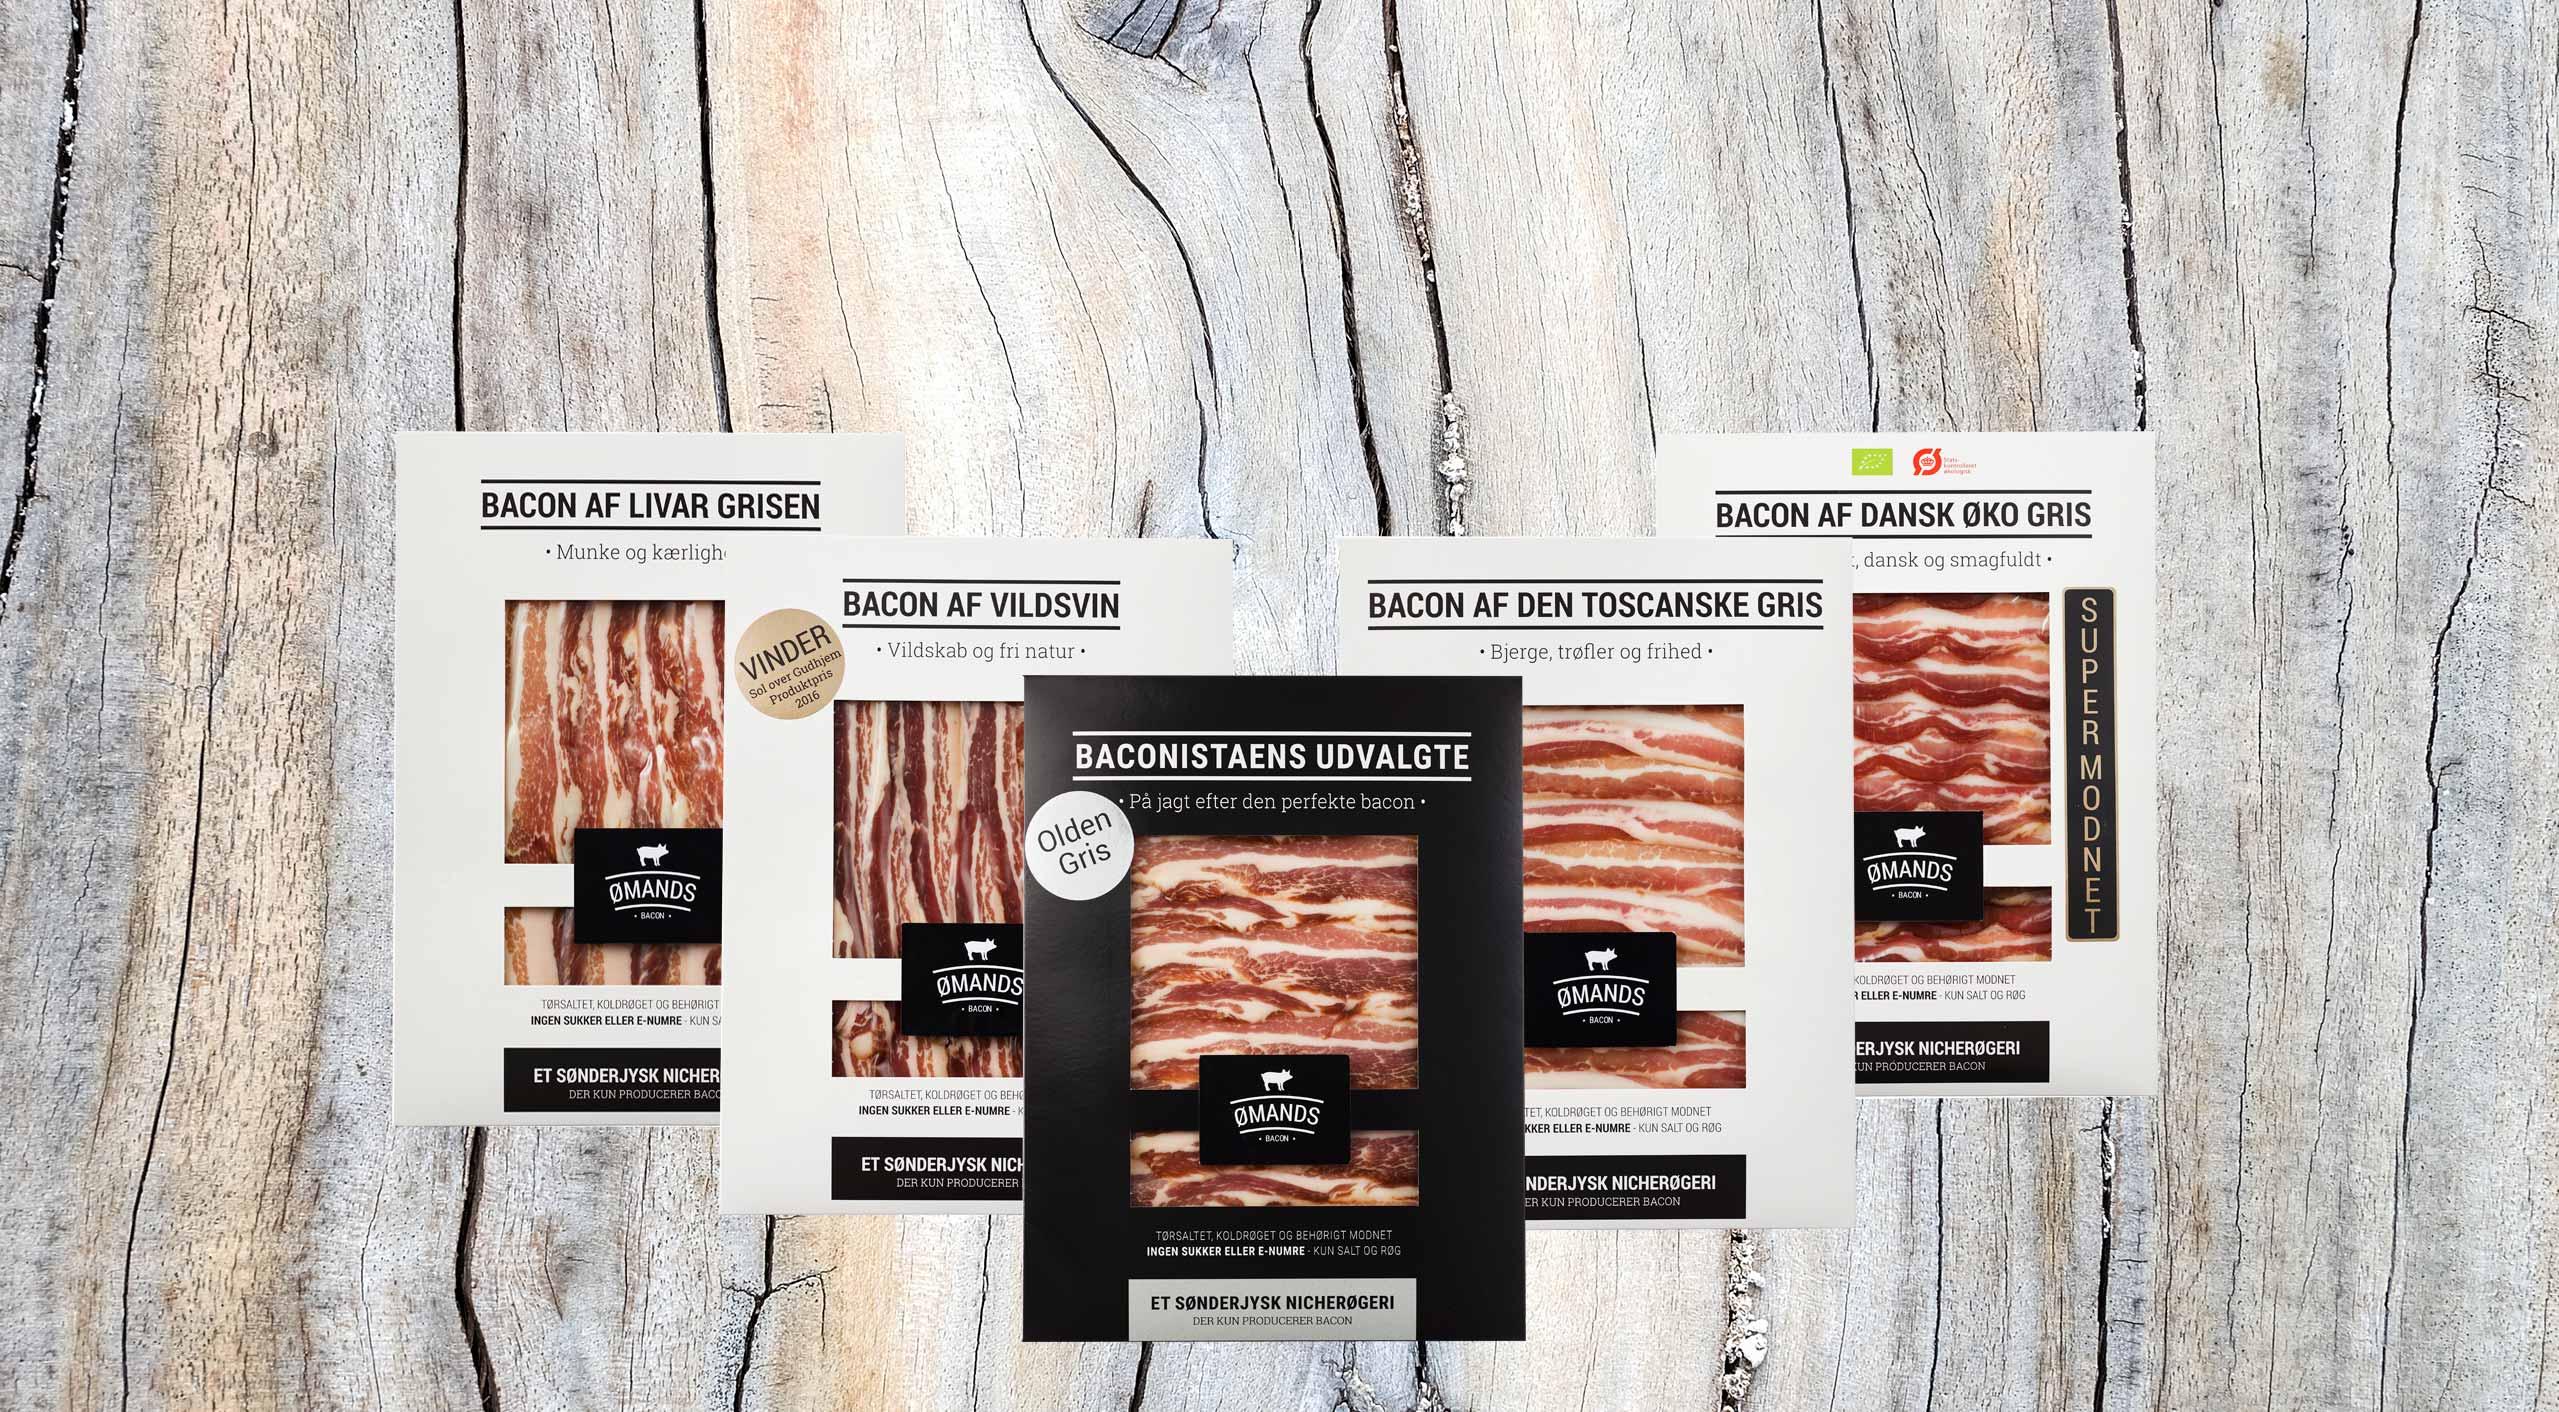 Bacon af livargrisen, vildsvin, toscanske gris, dansk økologisk gris og oldengrisen